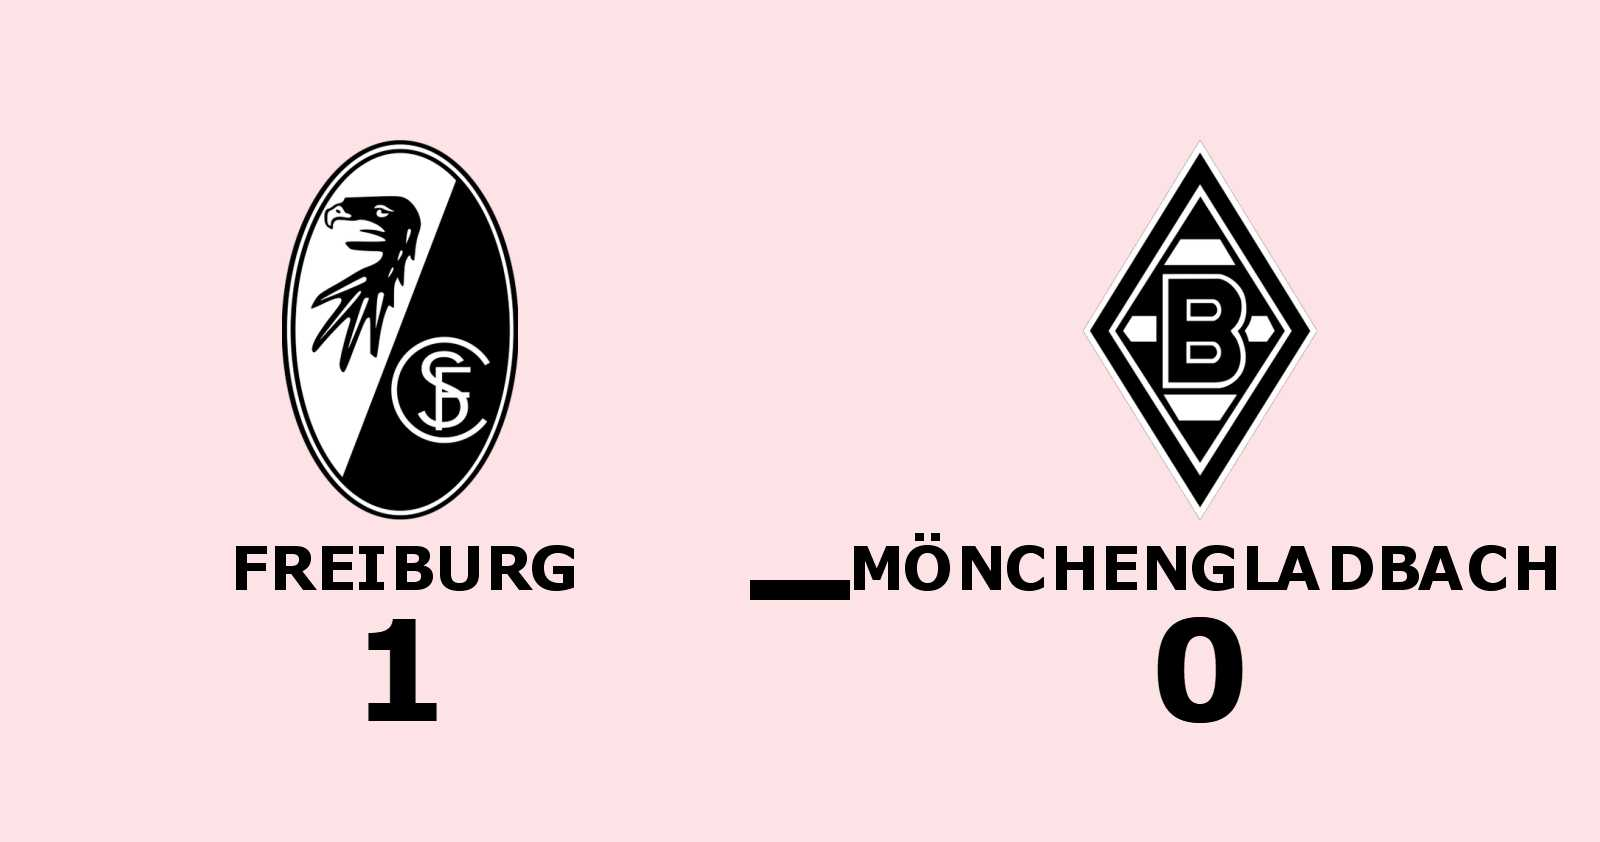 1-0-seger för Freiburg mot Mönchengladbach - Nils Petersen matchhjälte